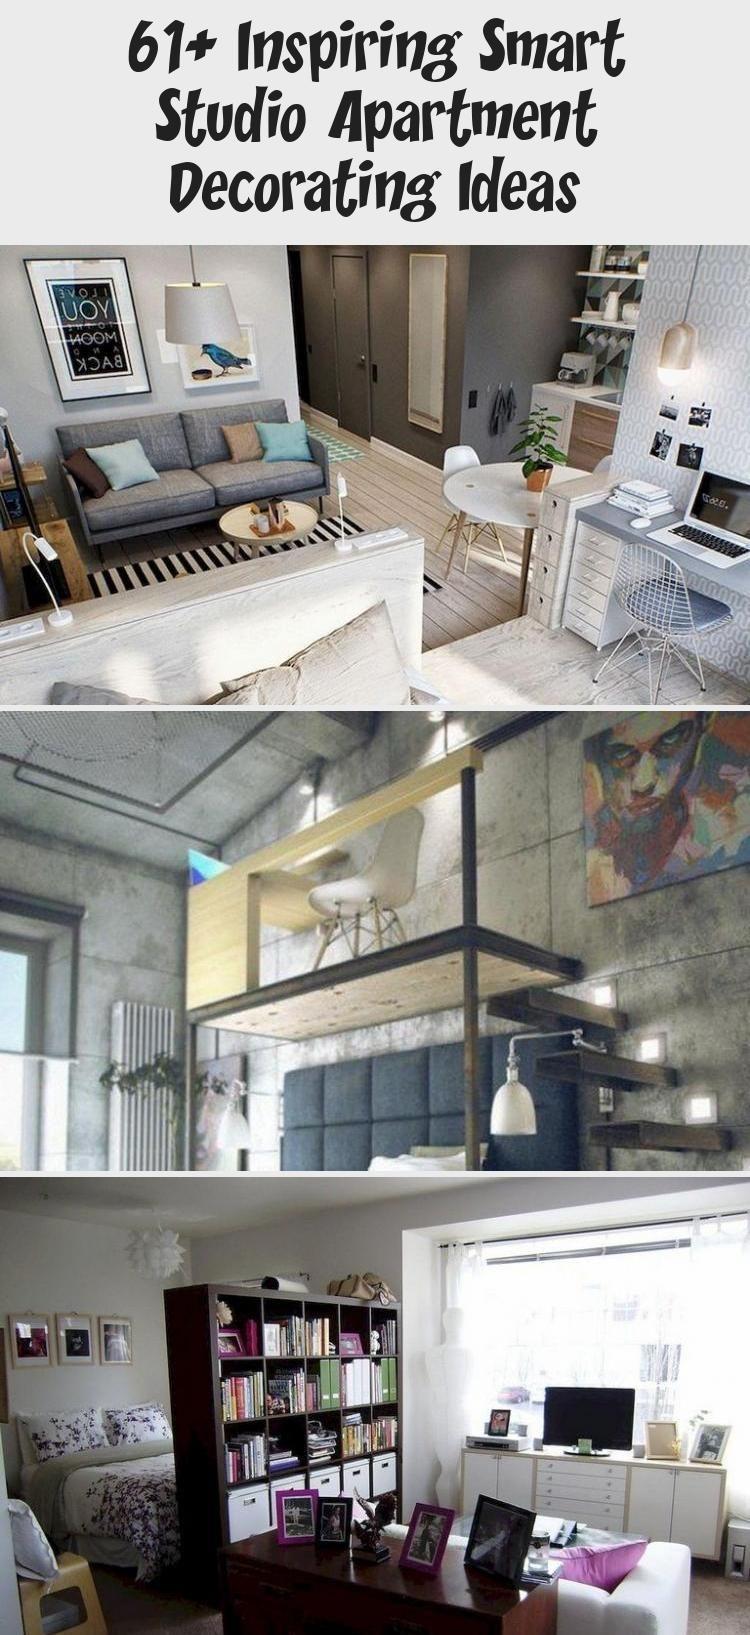 61 Inspiring Smart Studio Apartment Decorating Ideas  Home Decor Diy 61 Inspiring Smart Studio Apartment Decorating Ideas  Home Decor Diy